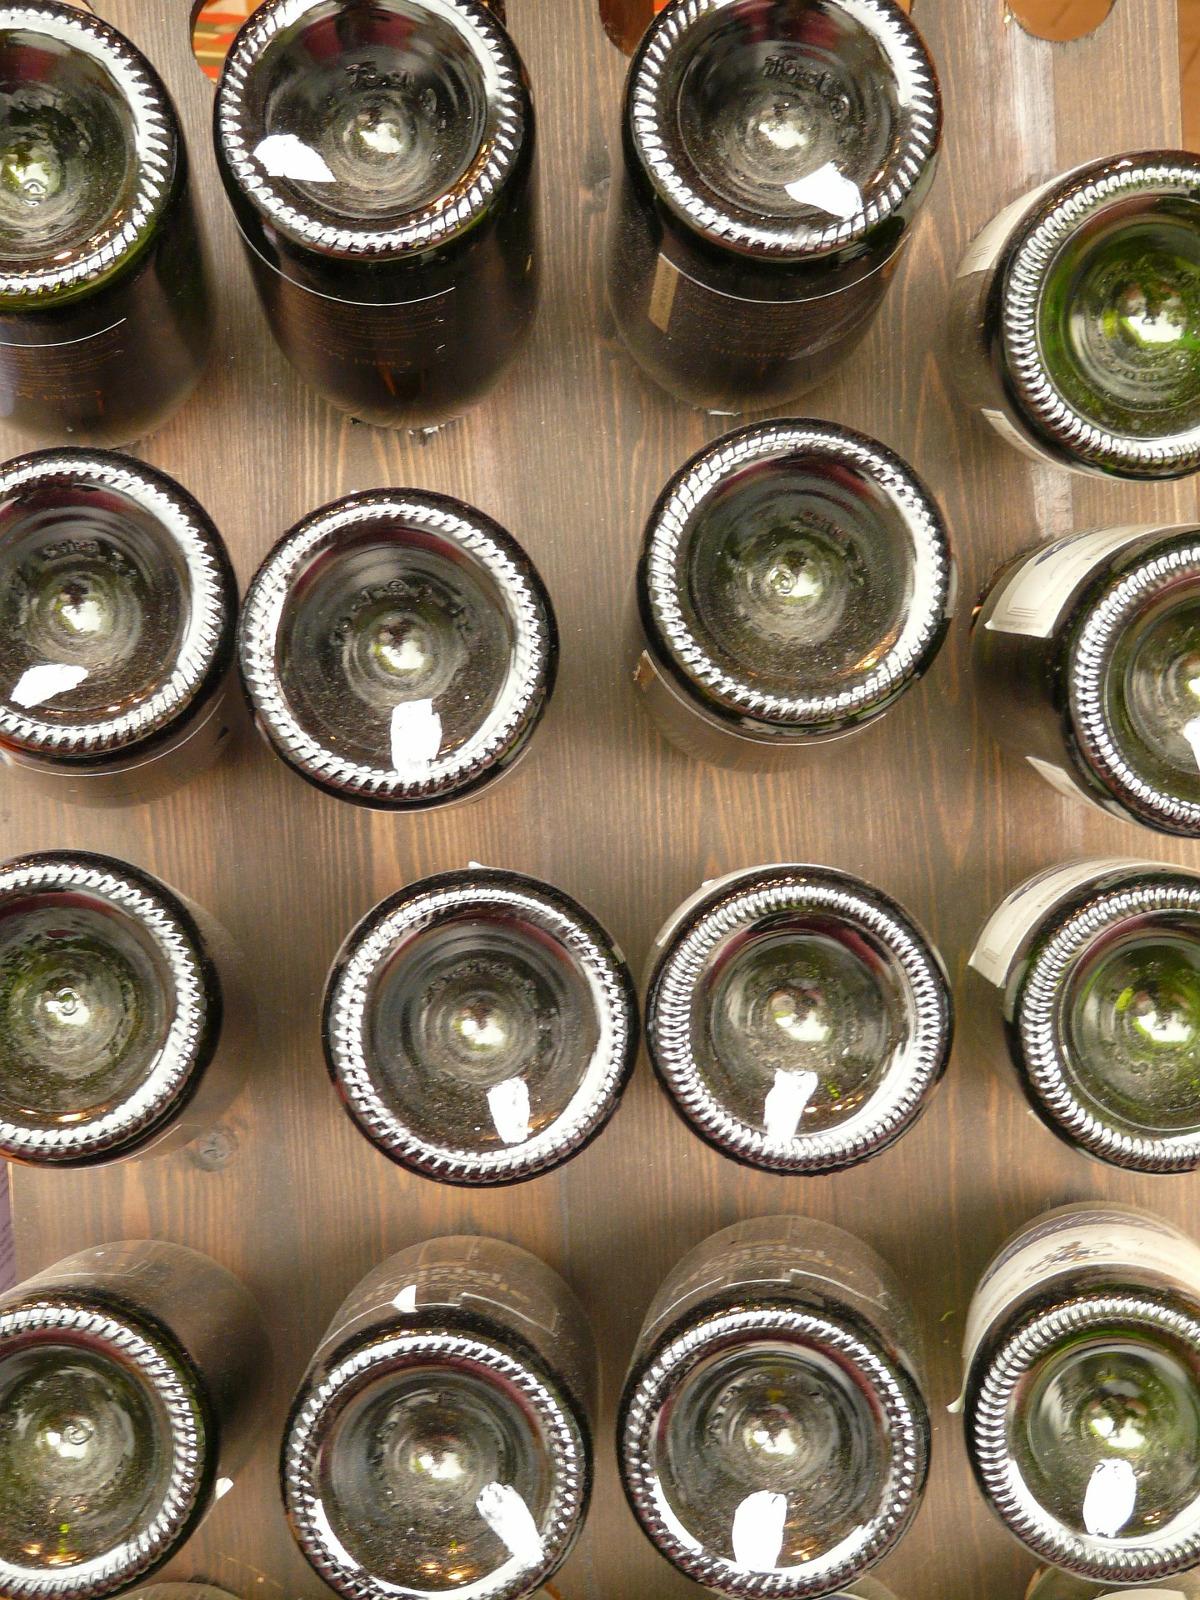 Perché le Bottiglie di Vino hanno il Fondo Concavo